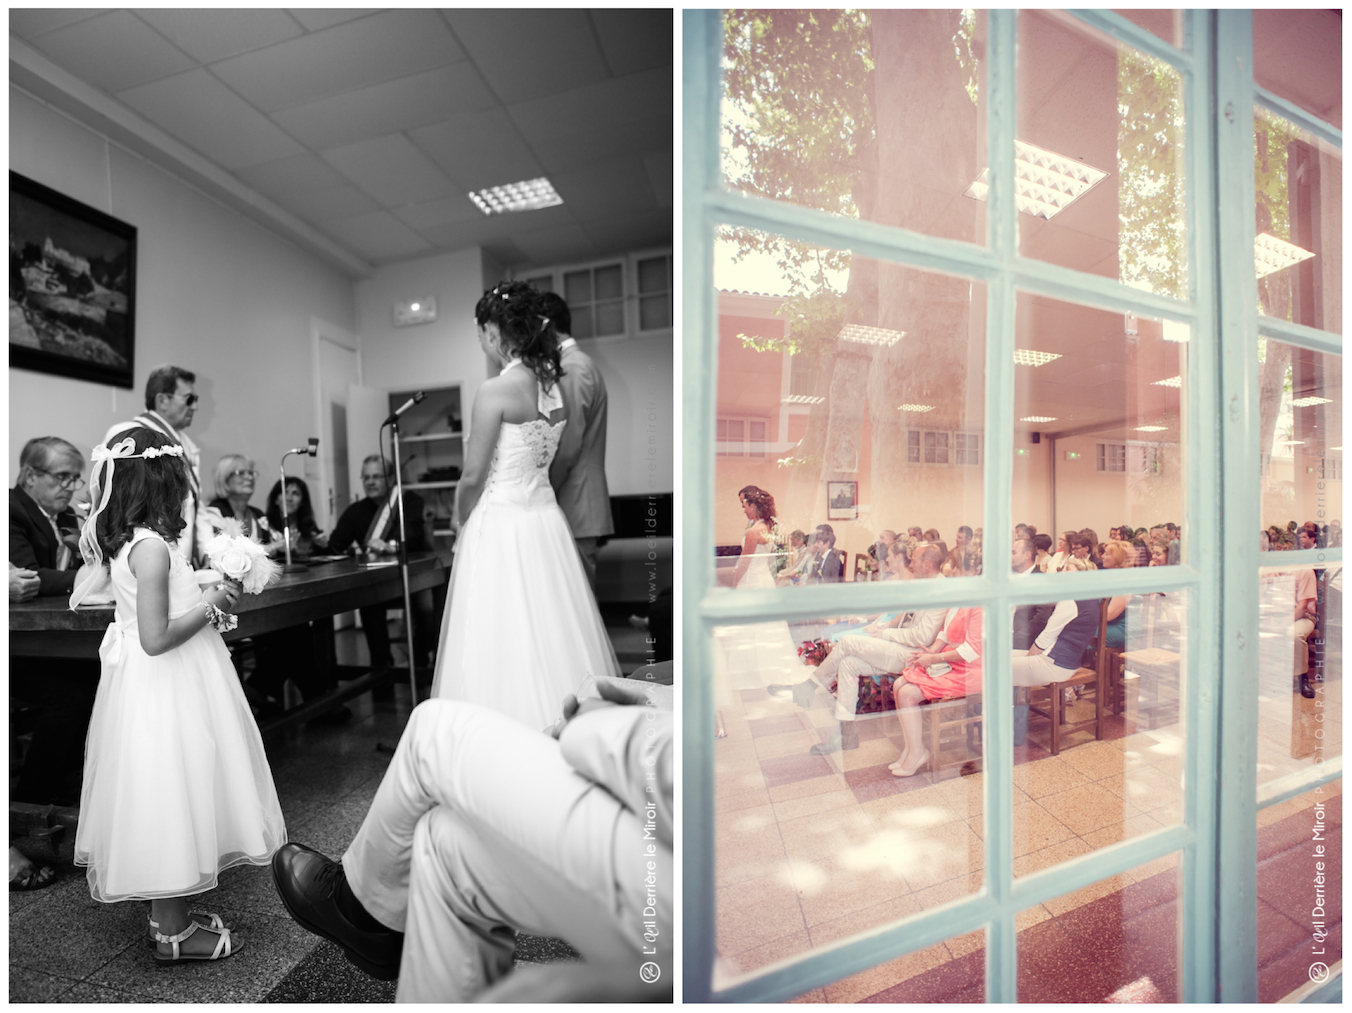 Mariage Saint André de la Roche Photographe de mariage L'OEil Derrière le Miroir